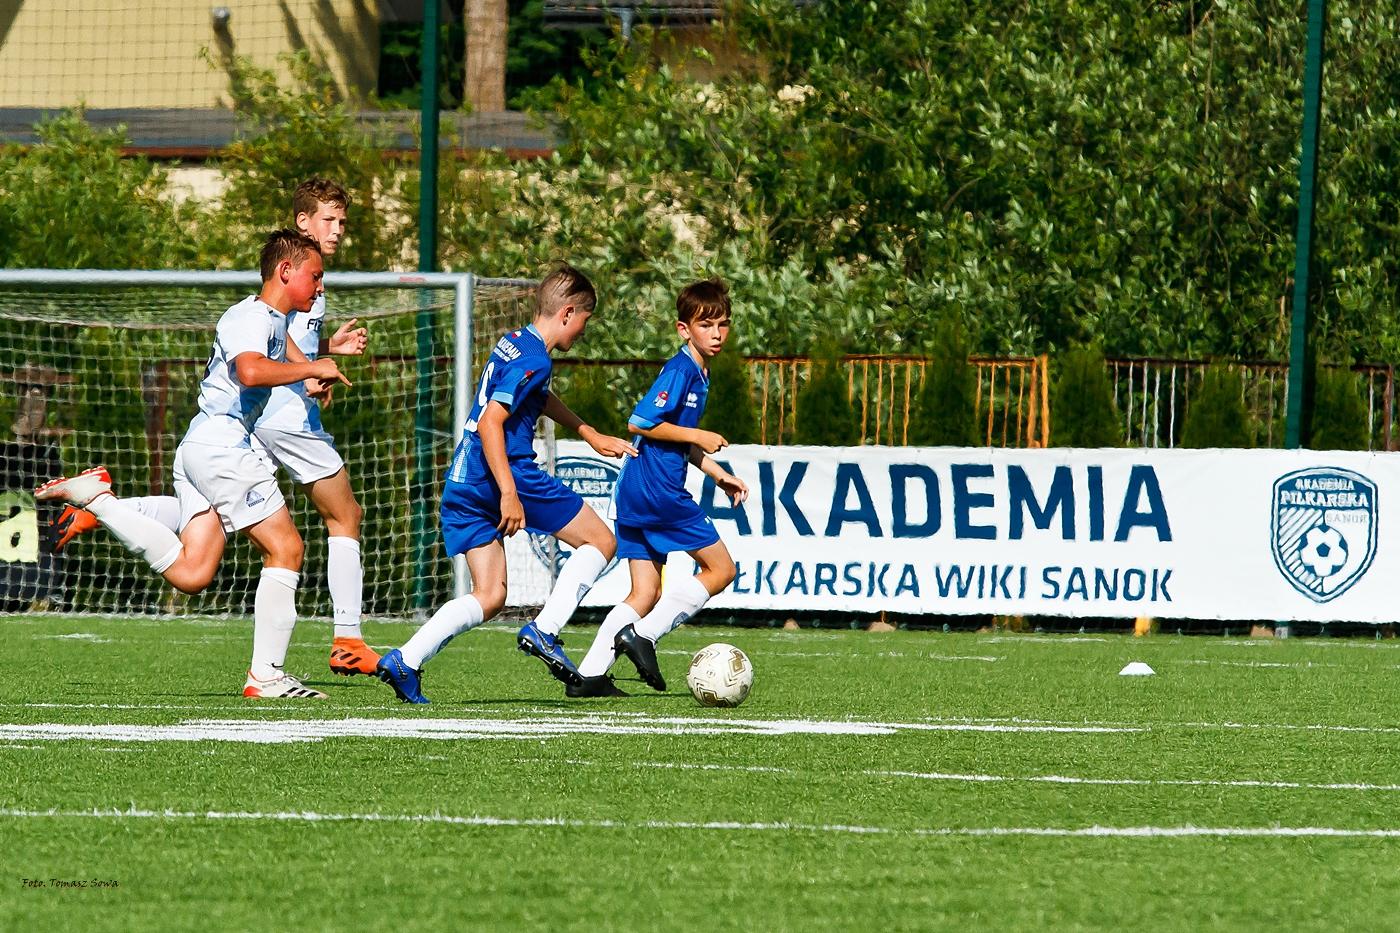 Akademia Piłkarska WIKI Sanok - Stal Rzeszów 2021.06.22 - Zdjęcie główne